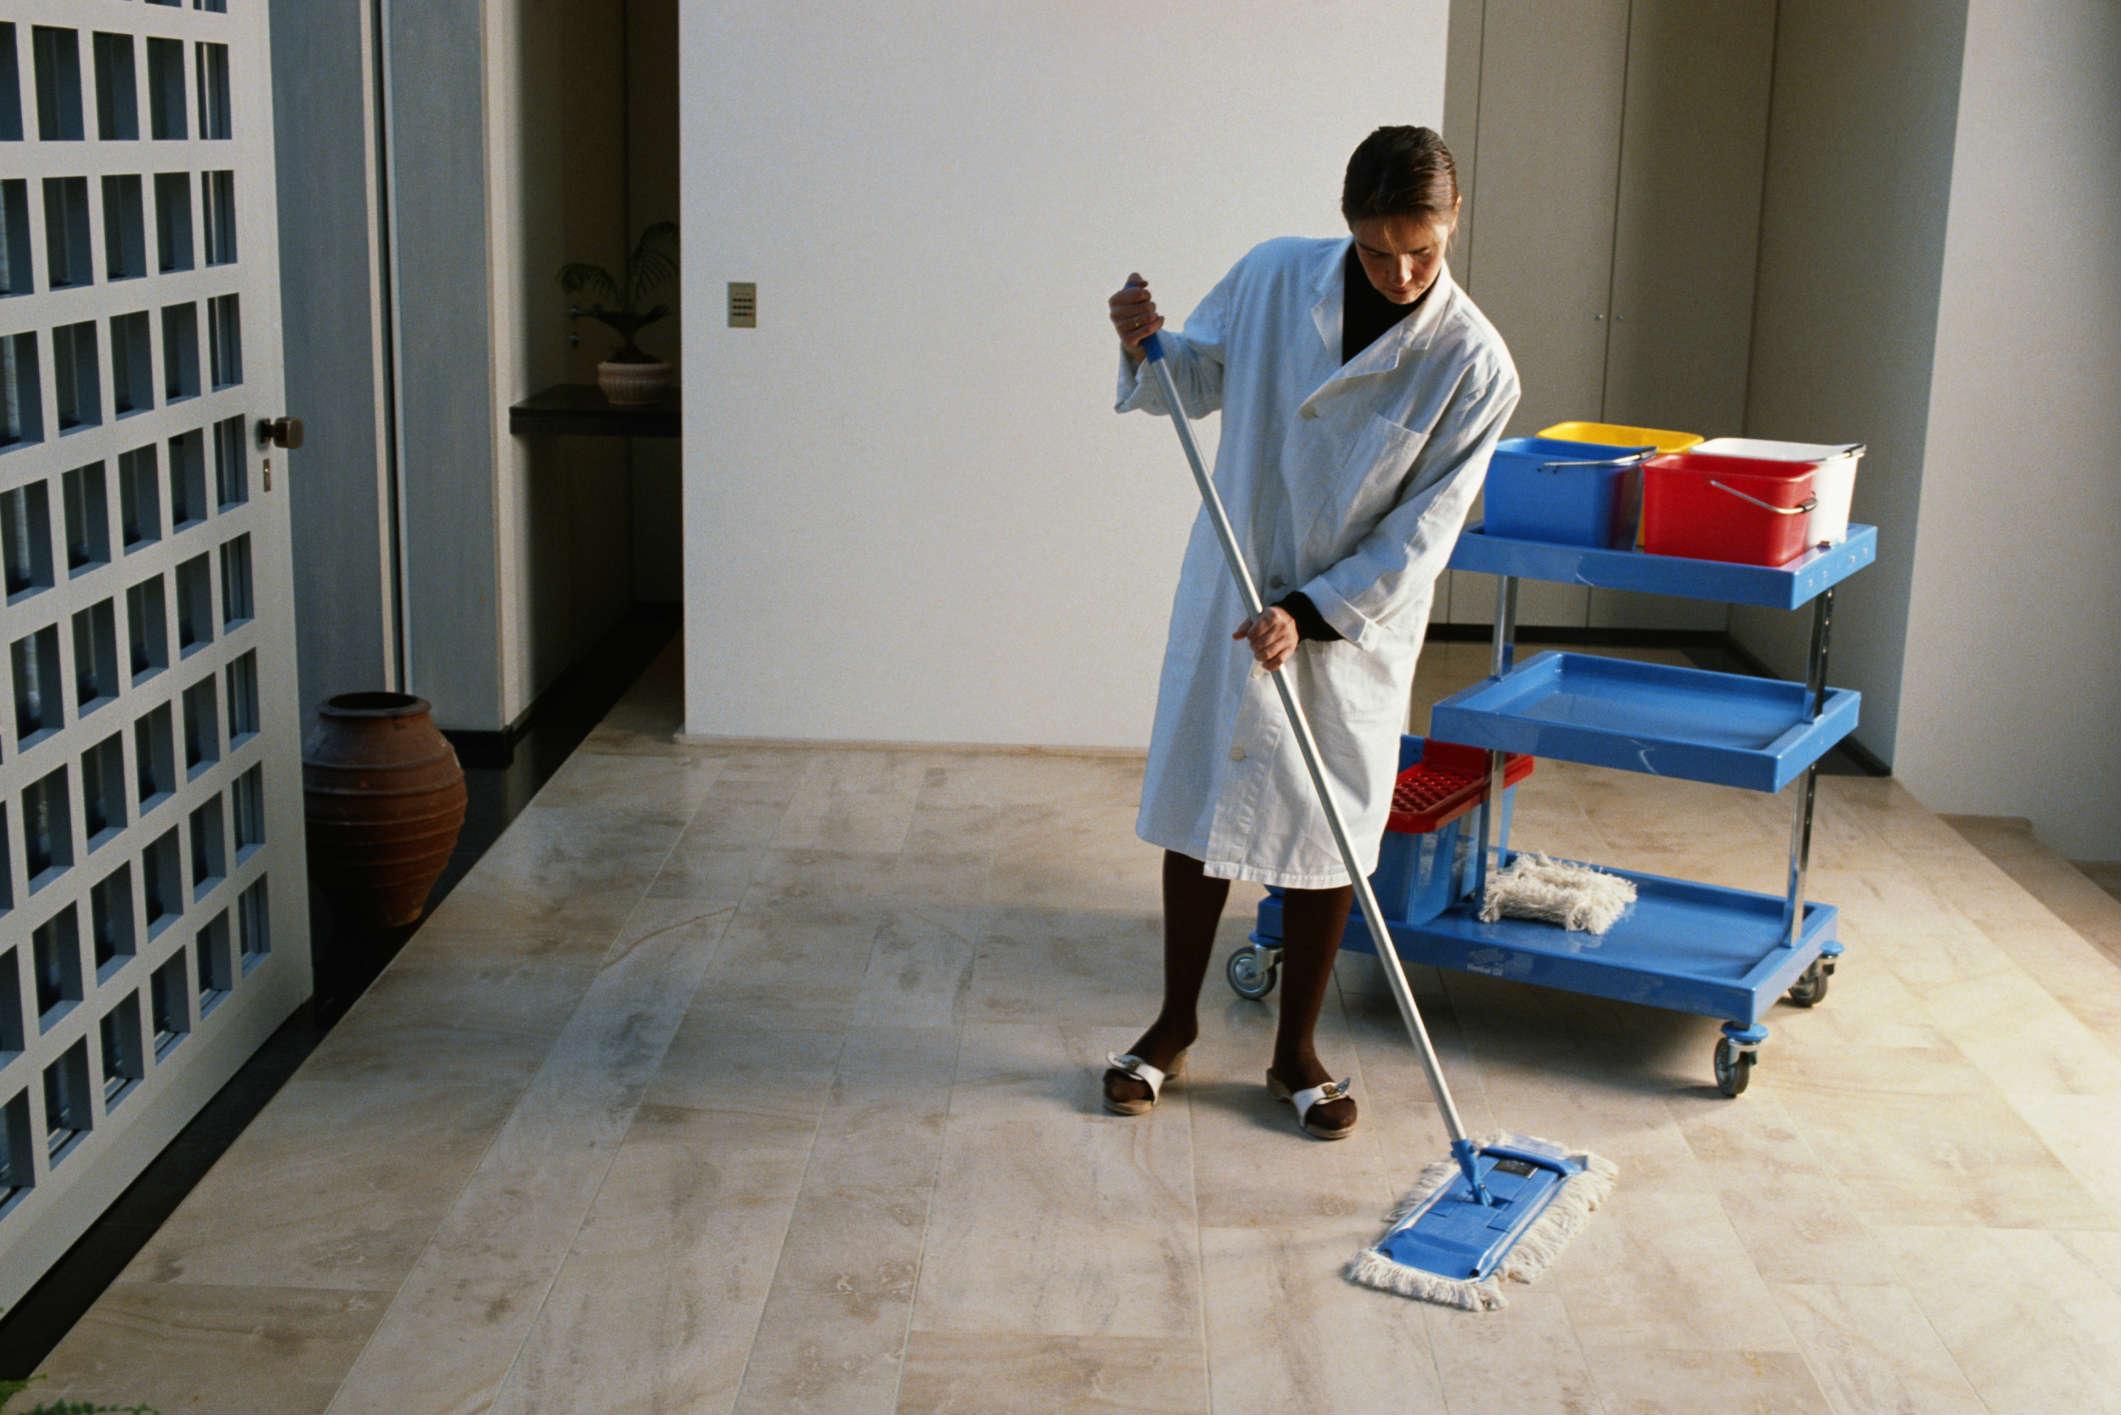 Nettoyage d'immeuble en copropriété (4)